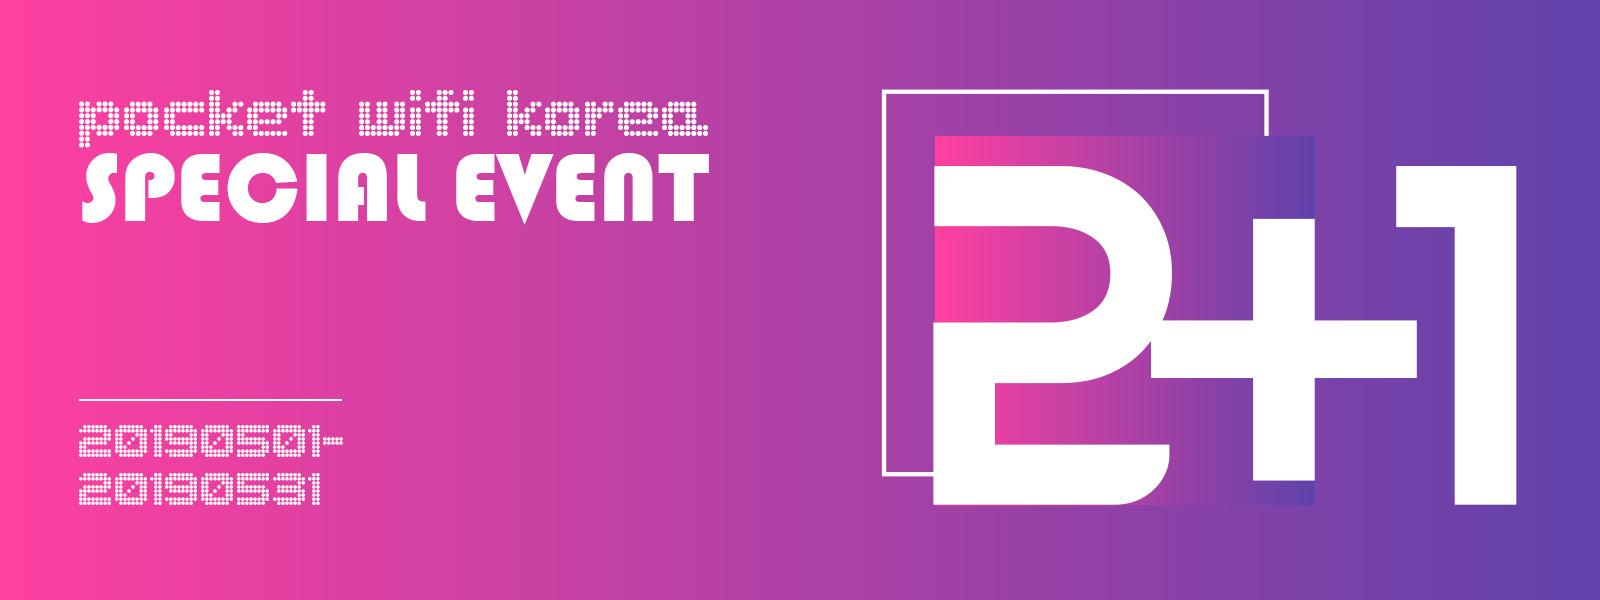 2019 5월 상설 이벤트 배너